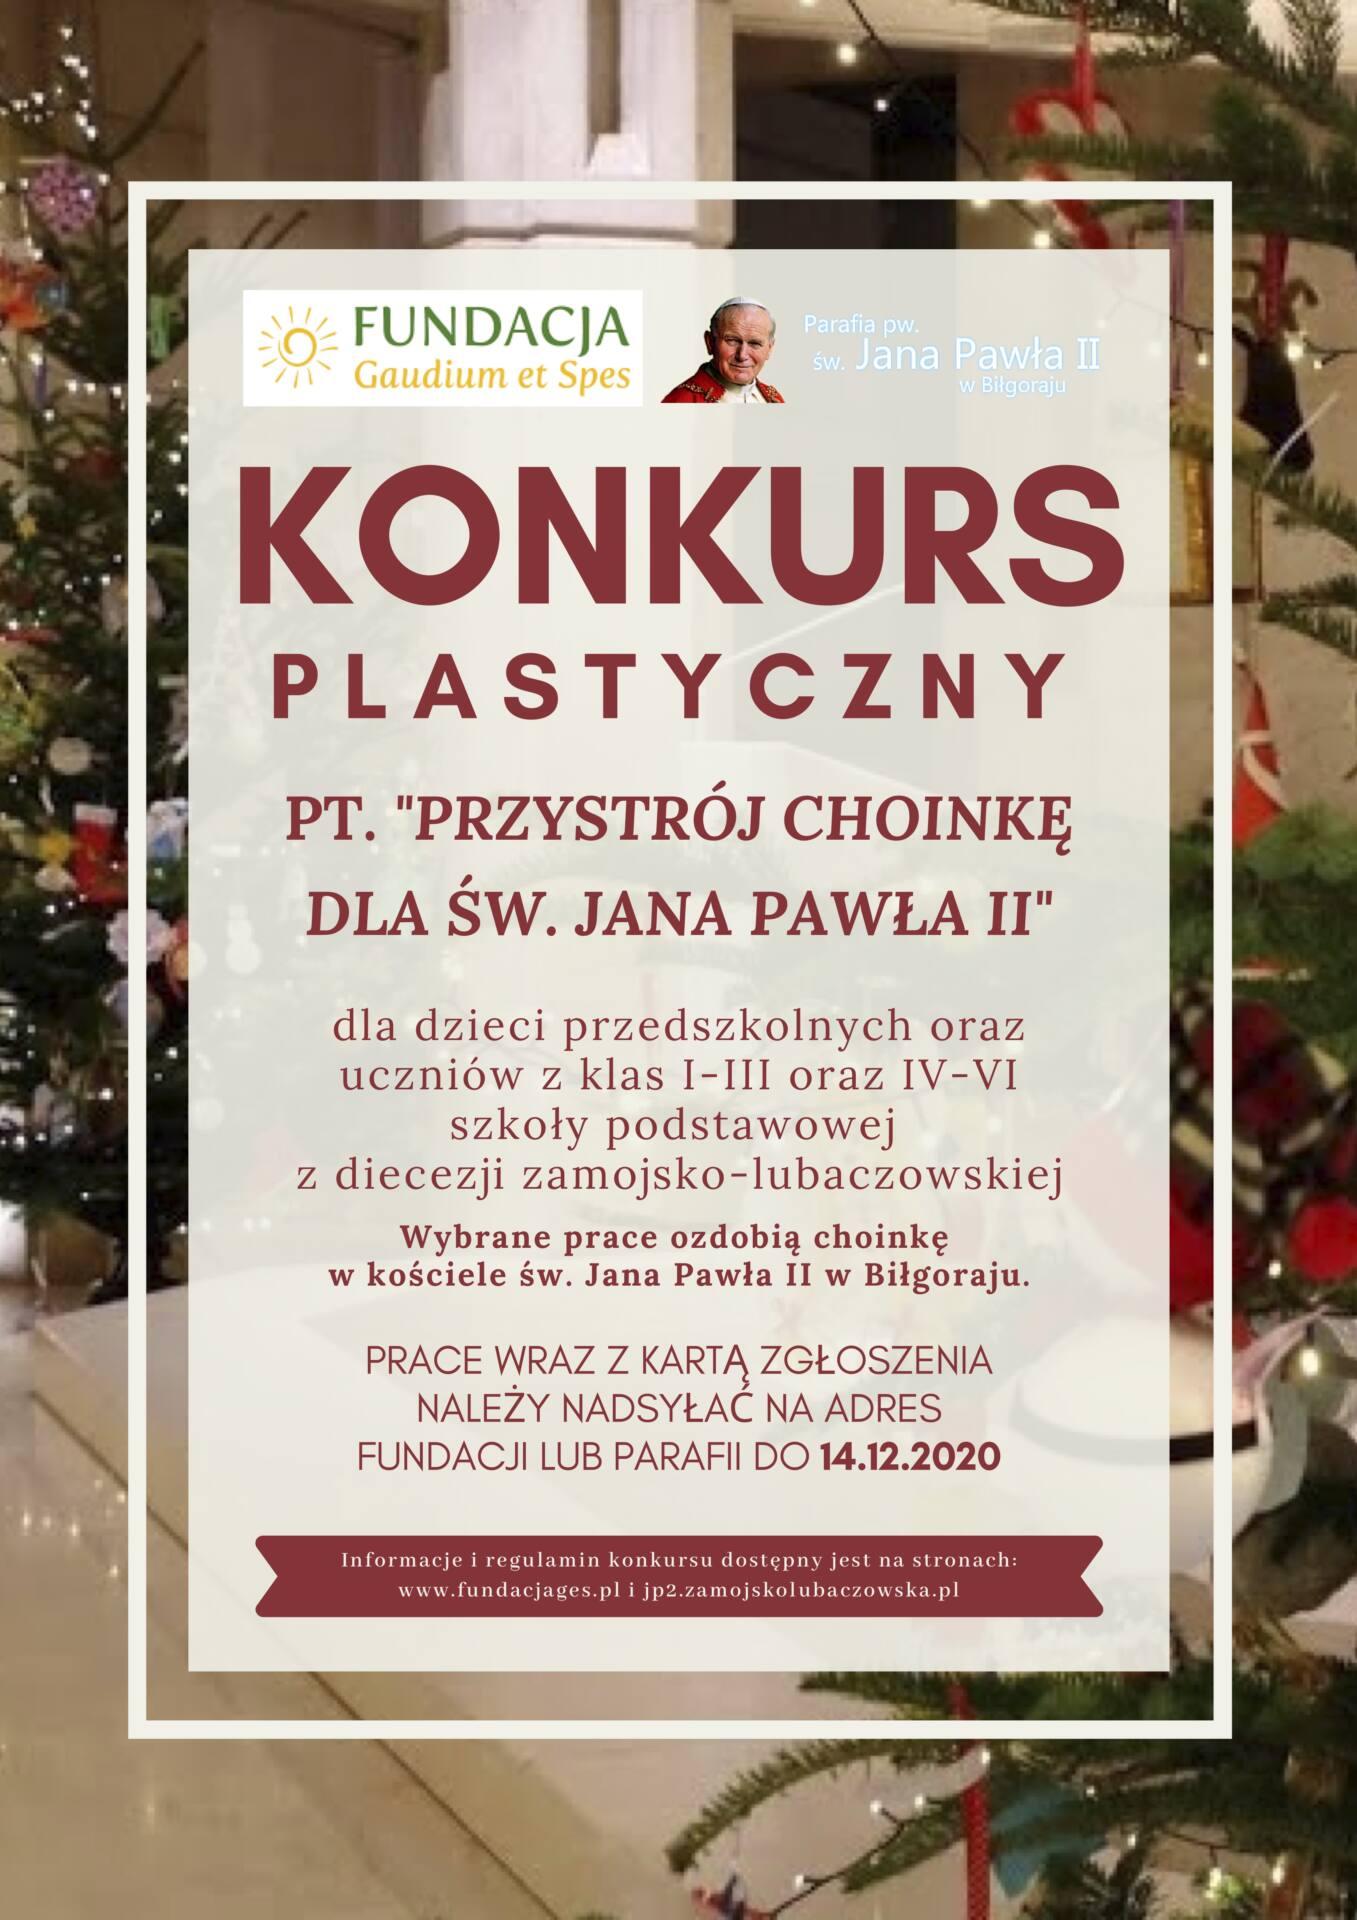 plakat przystroj choinke dla sw jana pawla ii 2020 2 Przystrój choinkę dla św. Jana Pawła II